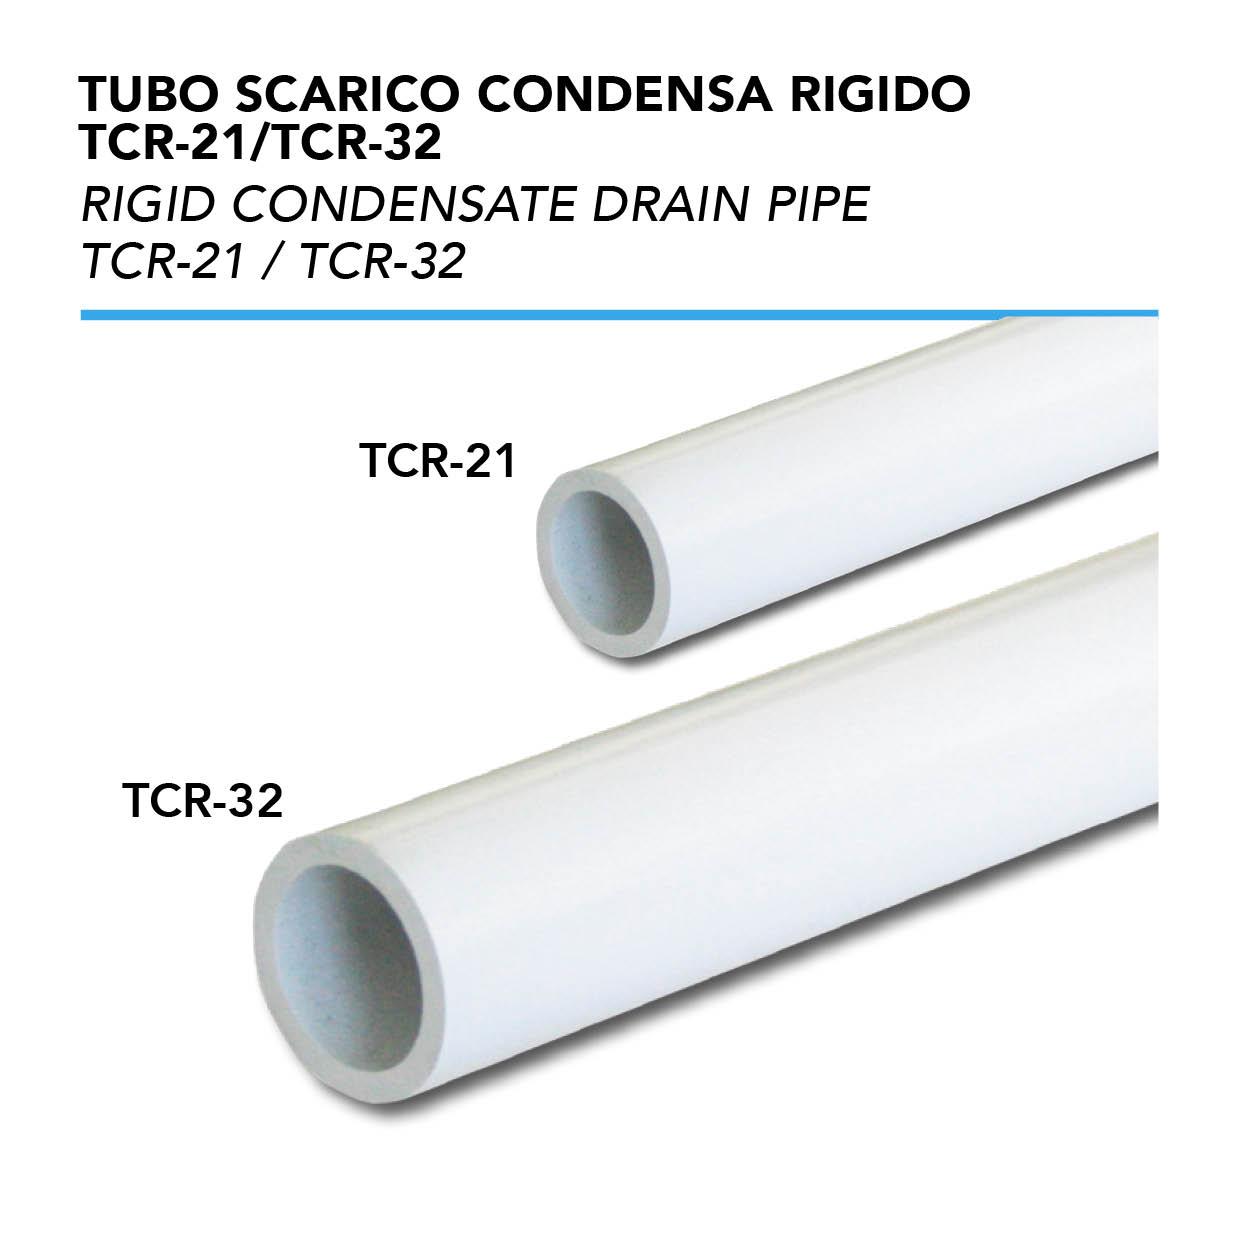 Sifoni anticondensa - Bacinelle Blue River - Tubi scarico condensa